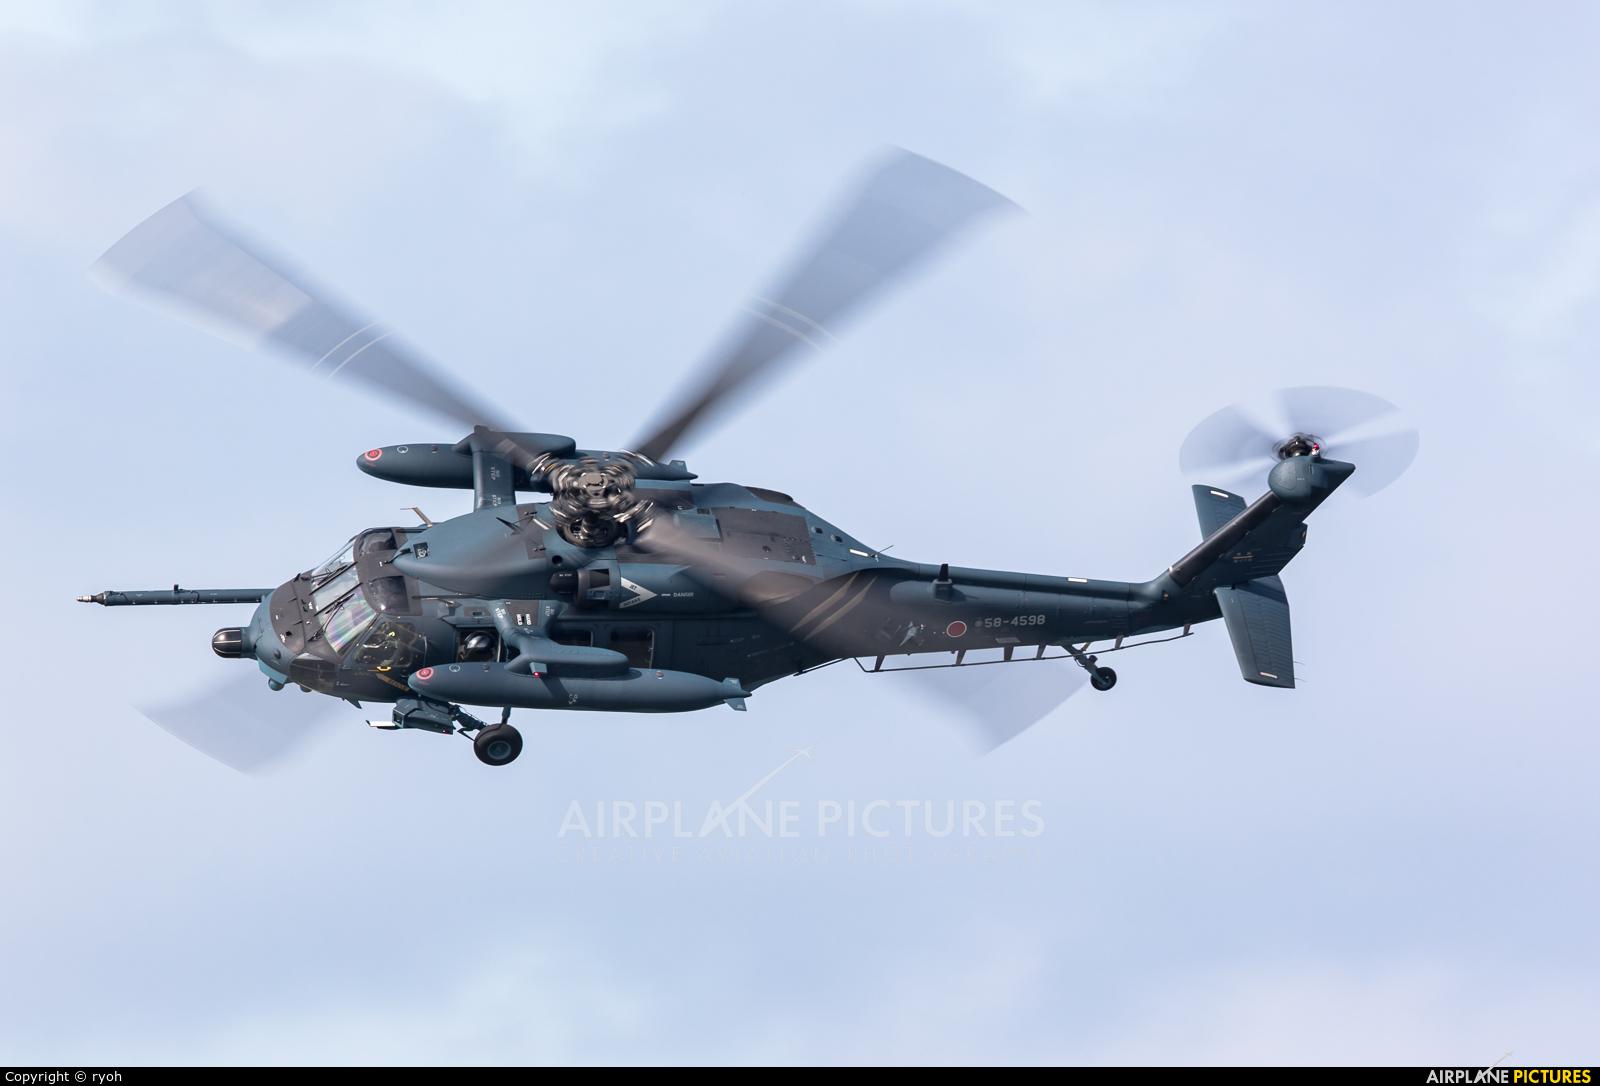 Japan - Air Self Defence Force 58-4598 aircraft at Ashiya AB